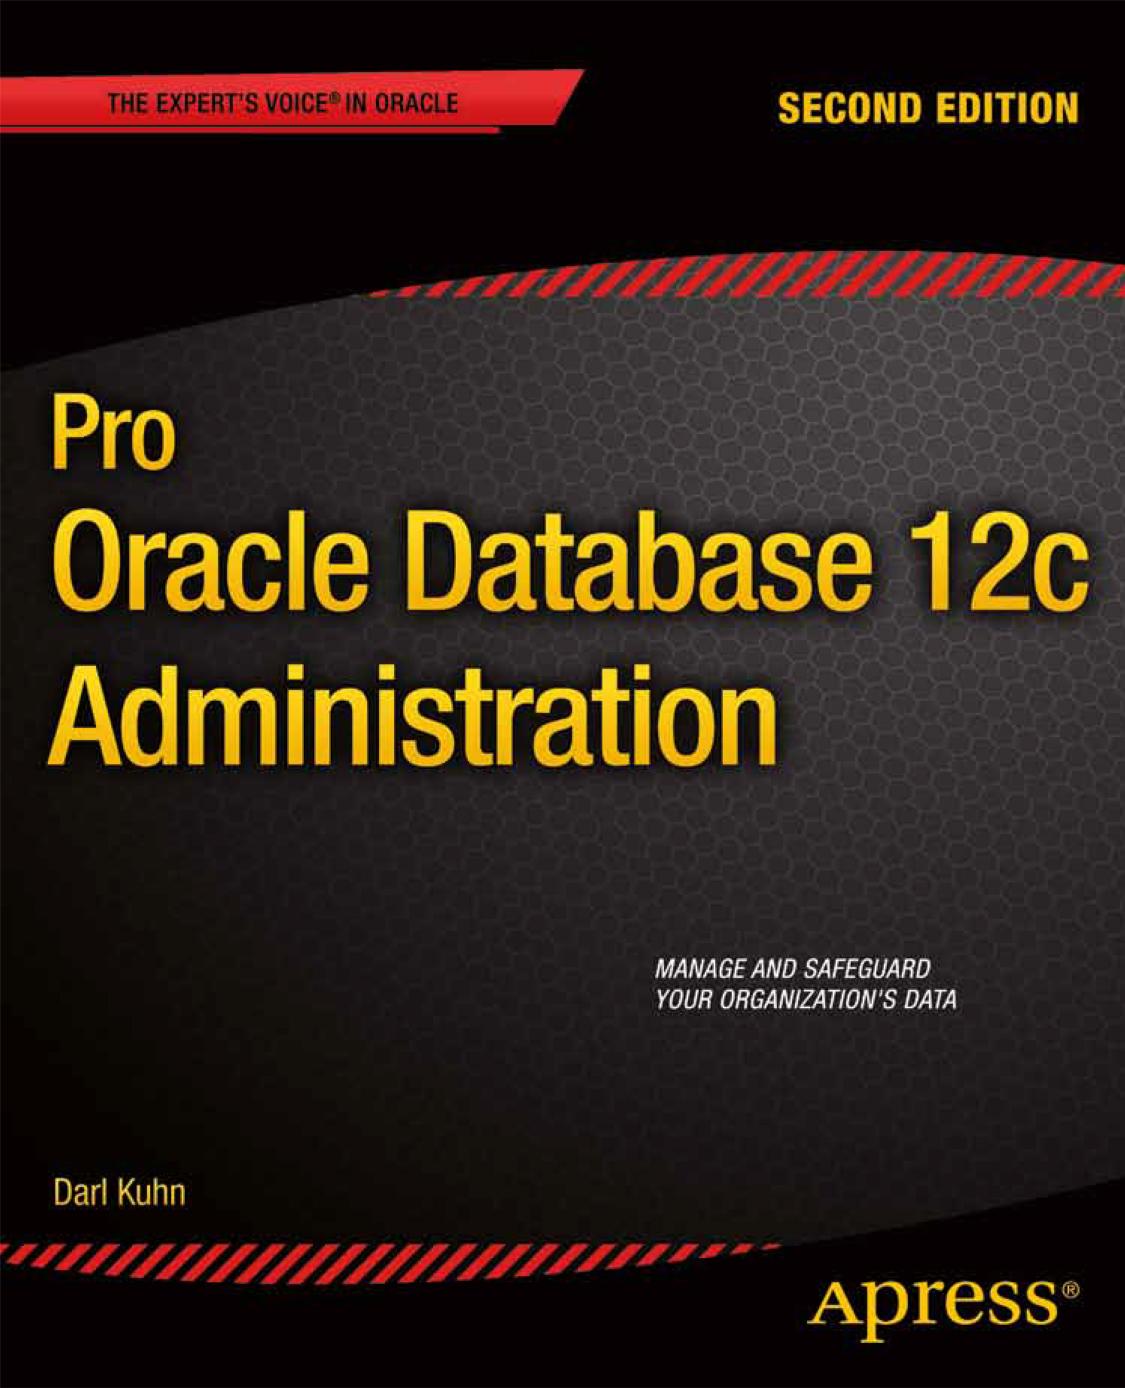 Pro Oracle Database 12c Administration | manualzz com